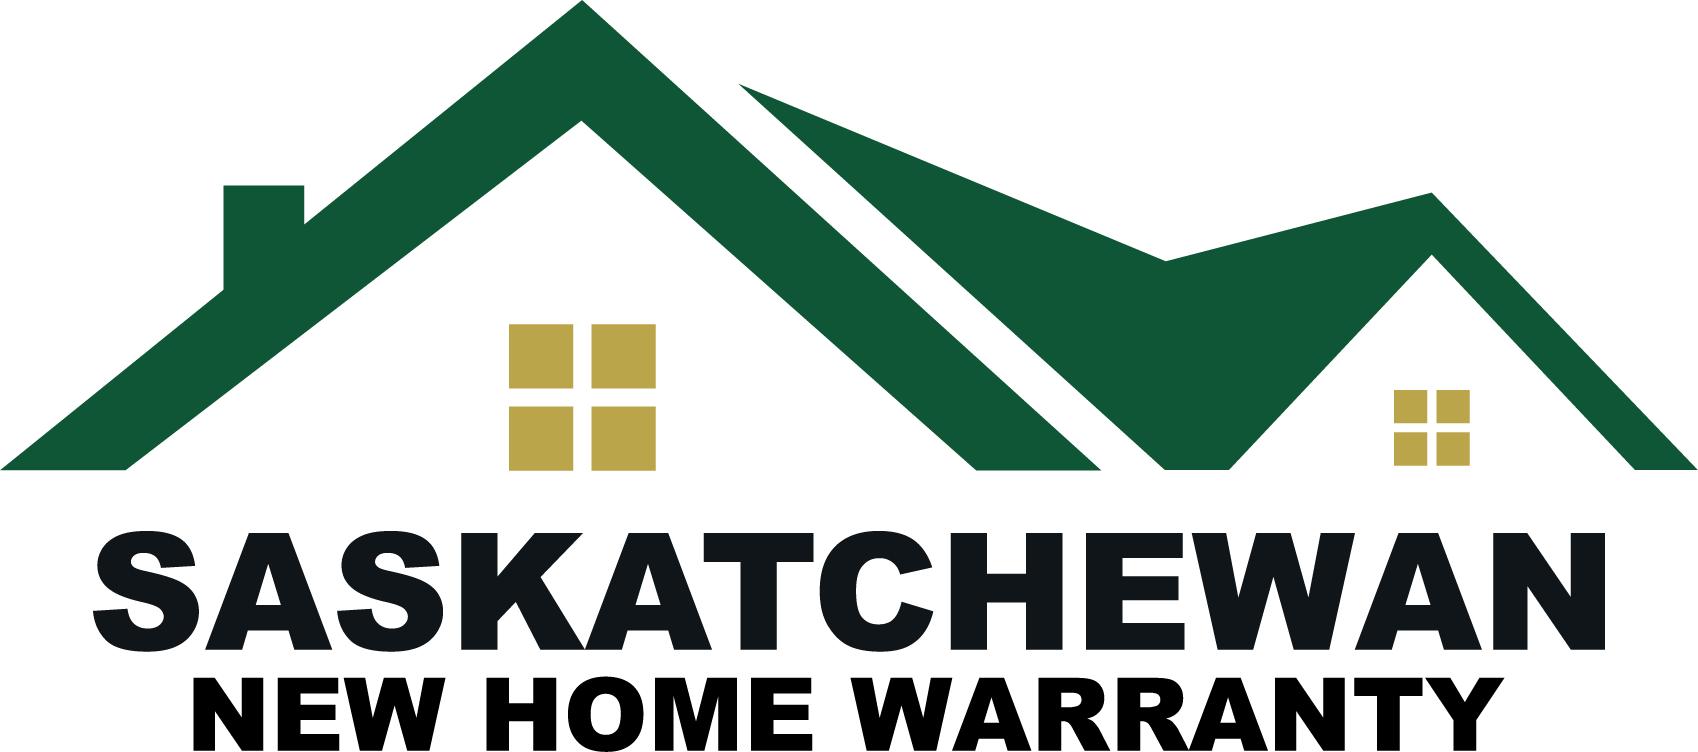 Saskatchewan New Home Warranty Program